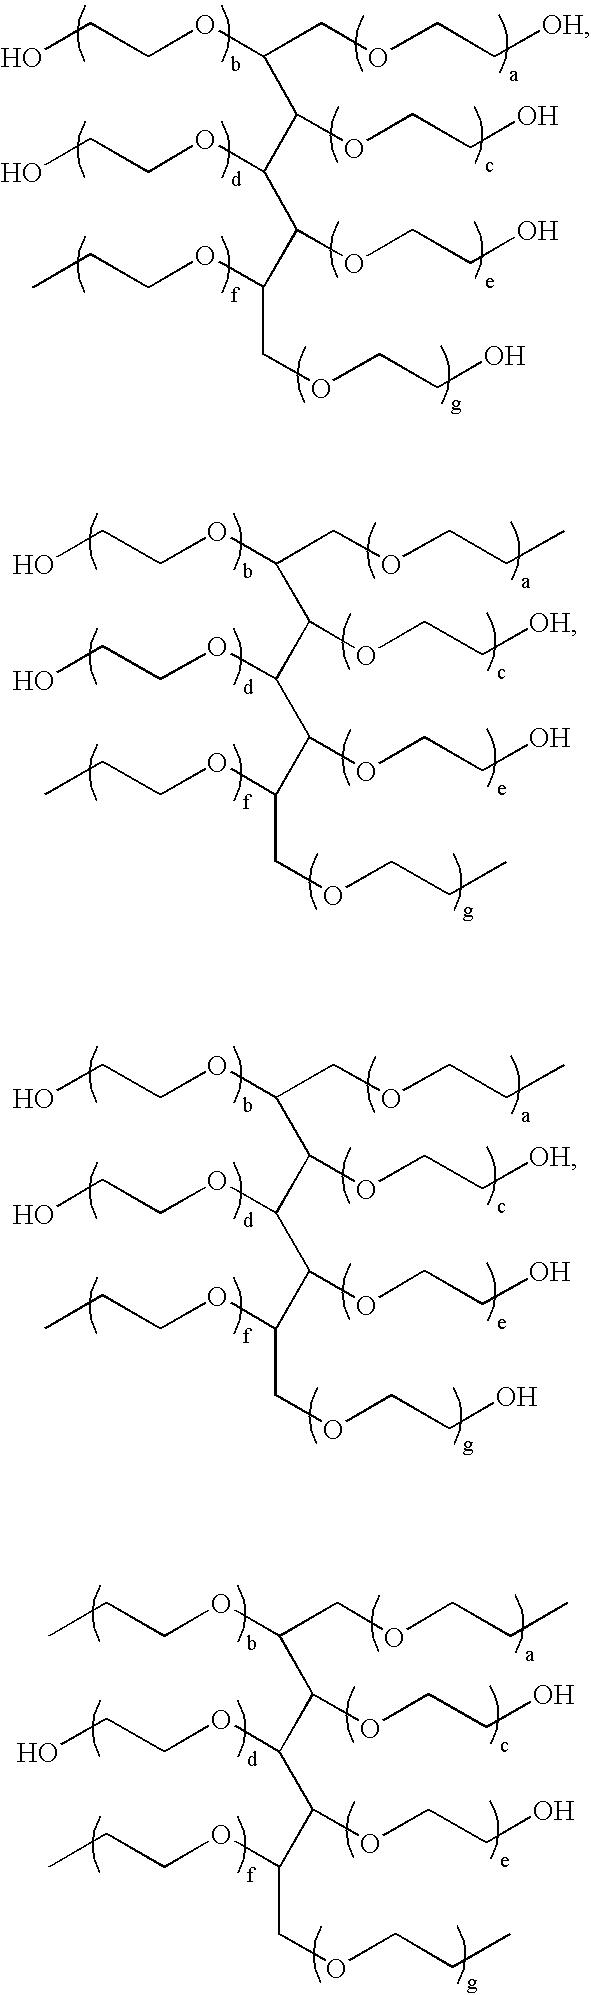 Figure US07202883-20070410-C00006